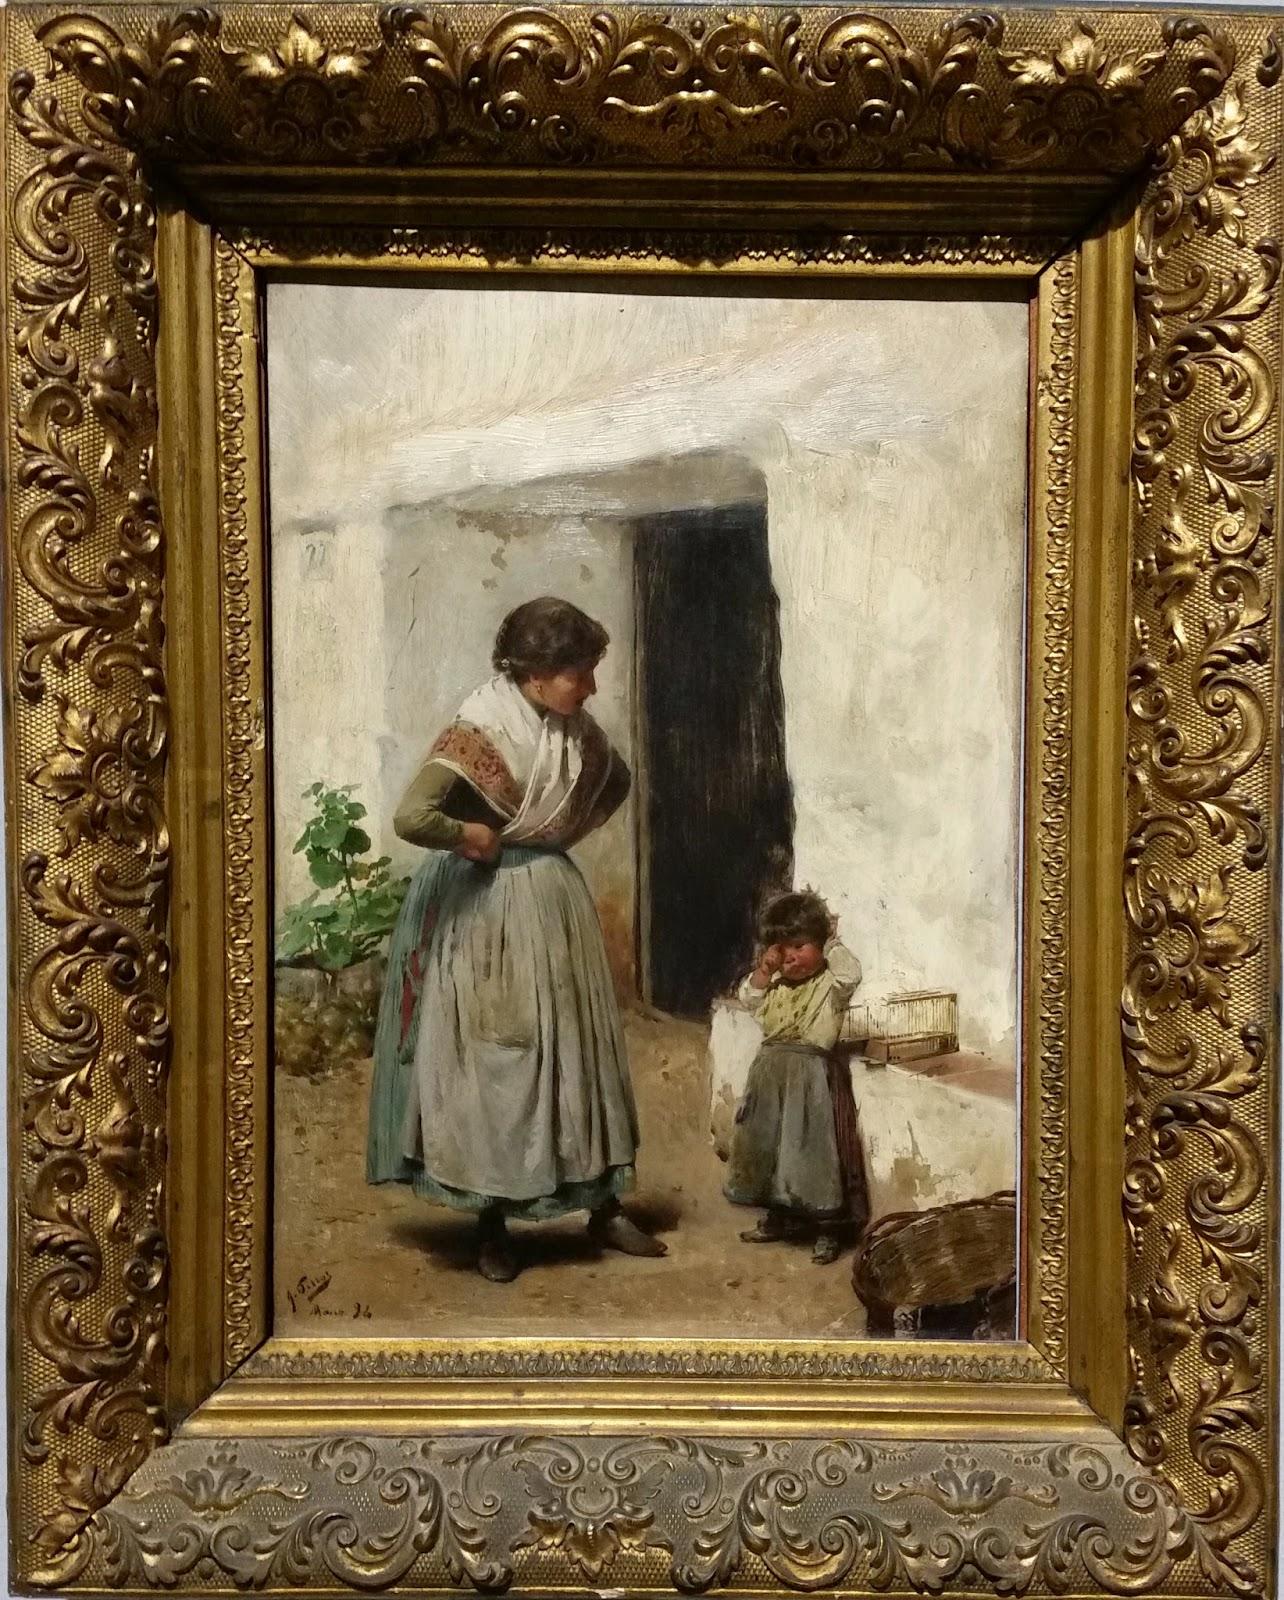 Cosas mias antonio fillol un pintor valenciano - Pintor valenciano ...